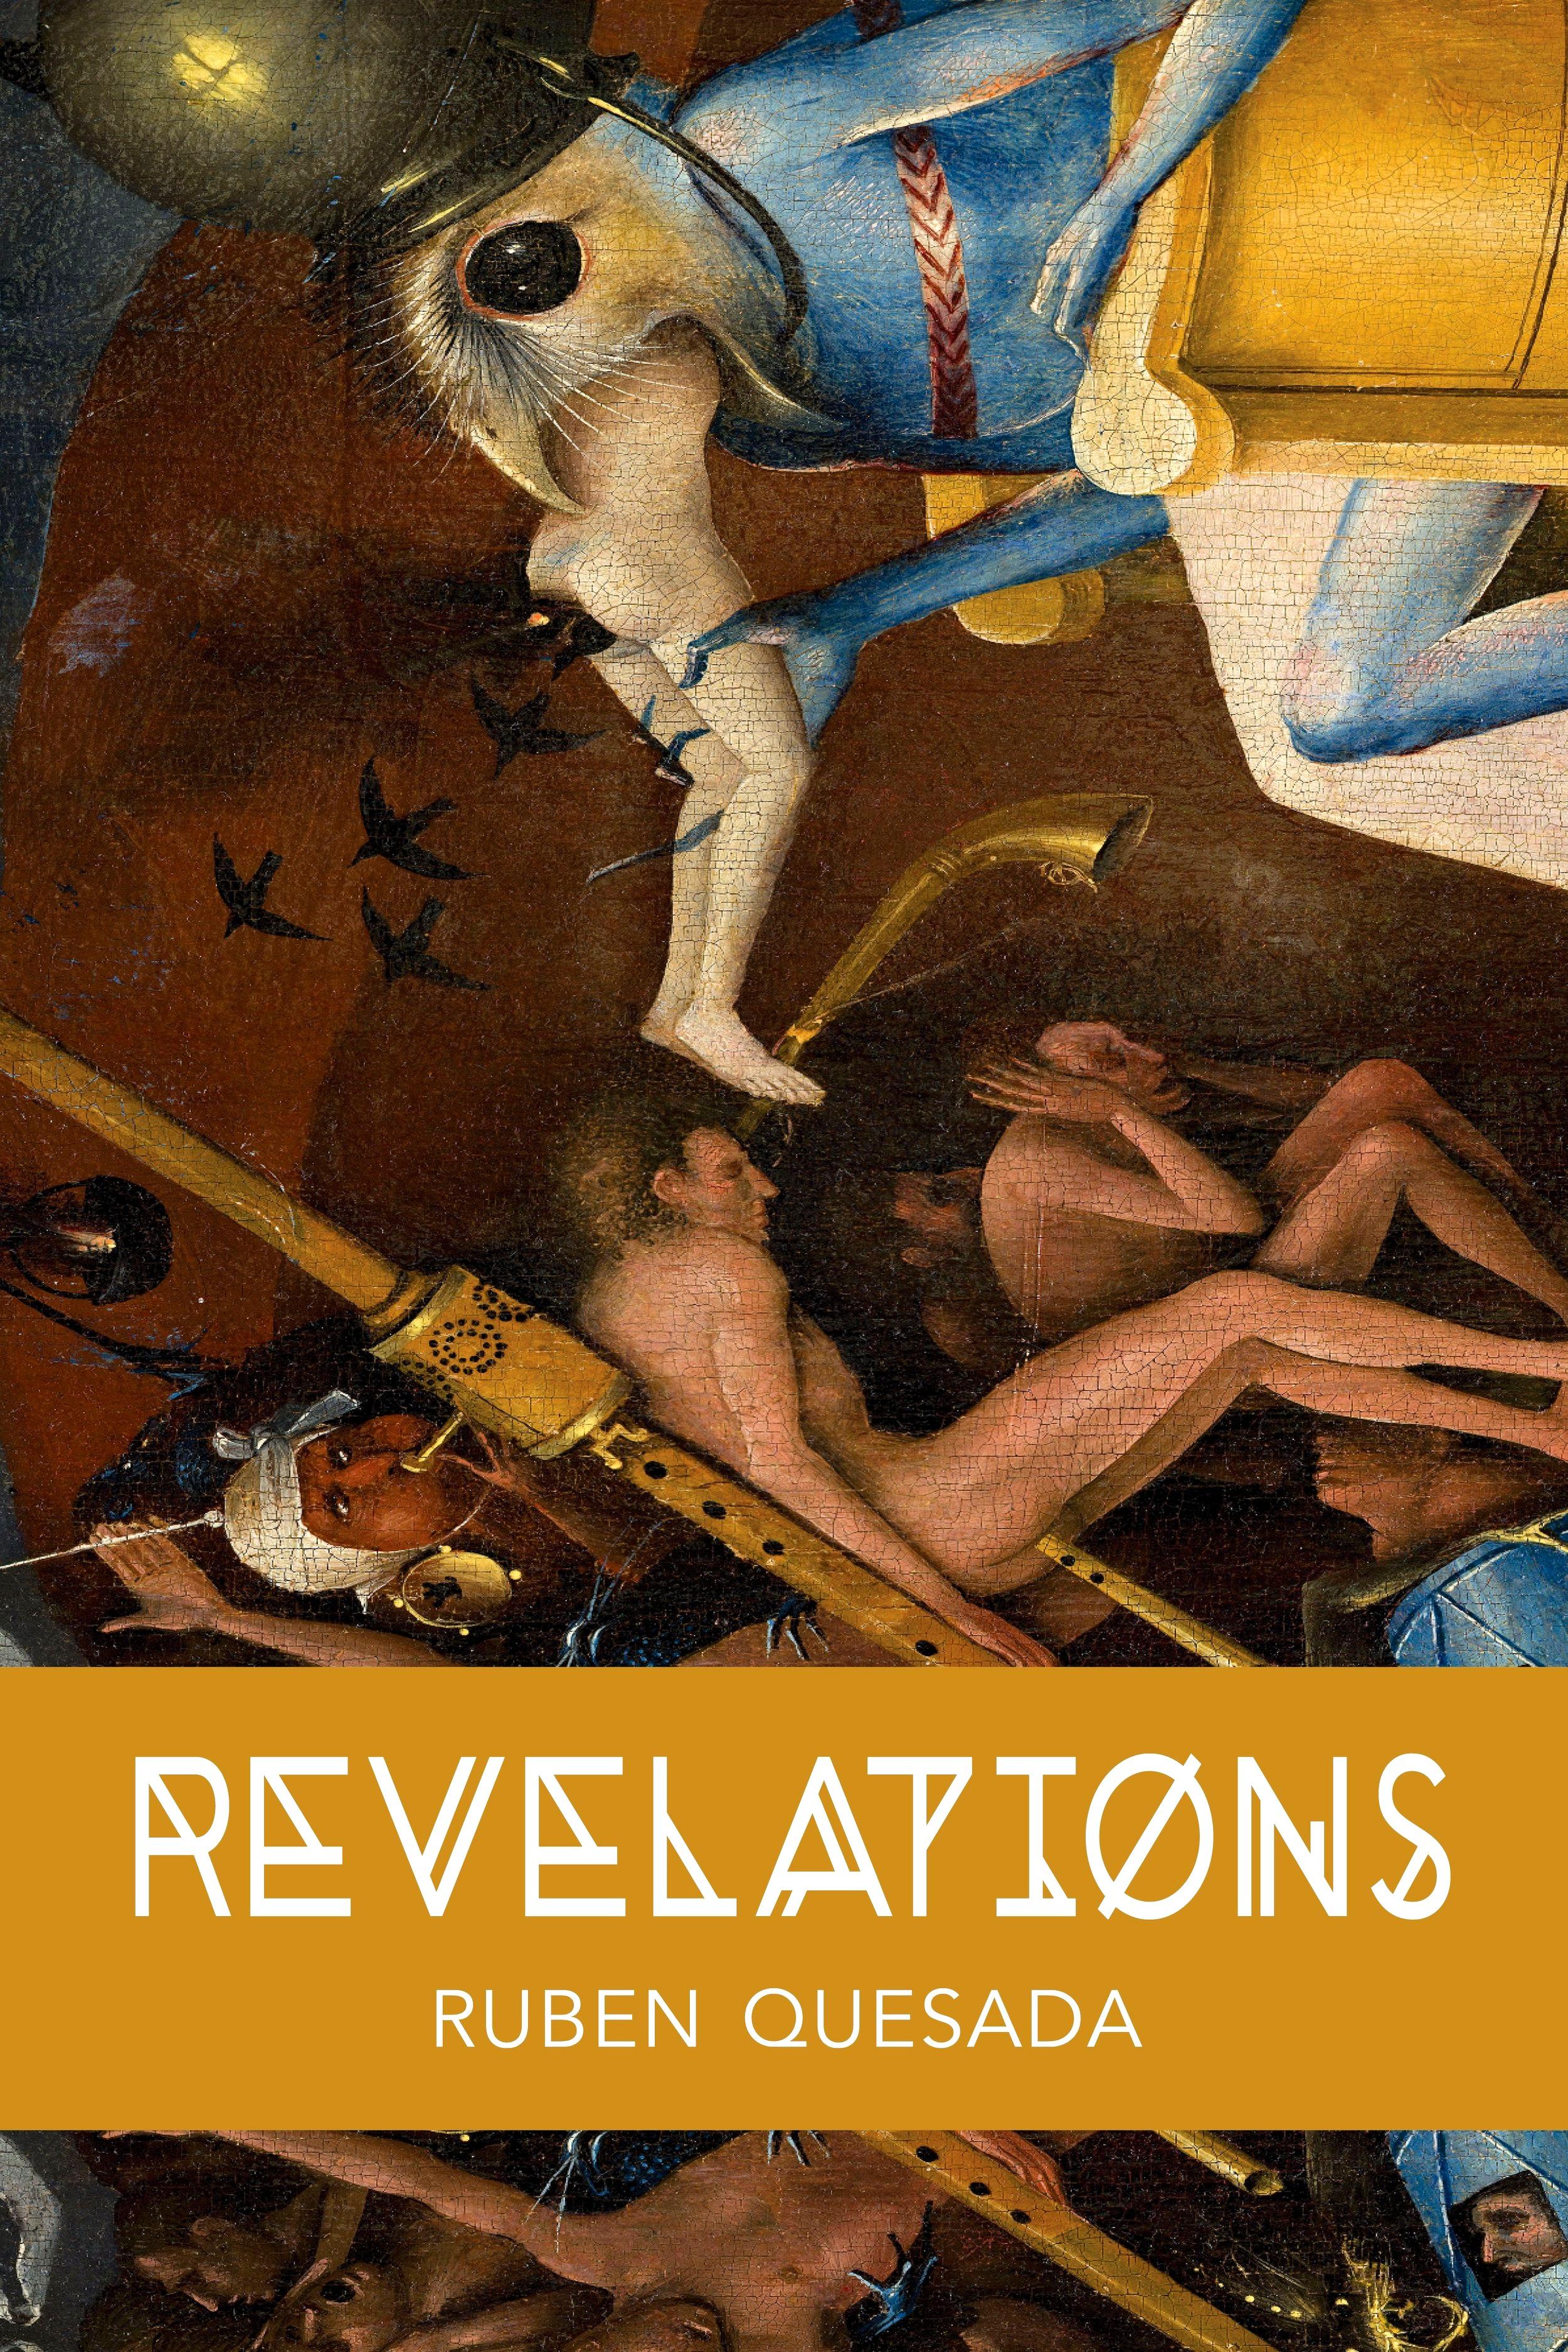 """REVELATIONS - Author: Ruben QuesadaISBN: 978-1-943977-54-3Publication Date: 11/15/2018Retail Price: $10.004""""x 6"""" Paperback; 38 Pages"""